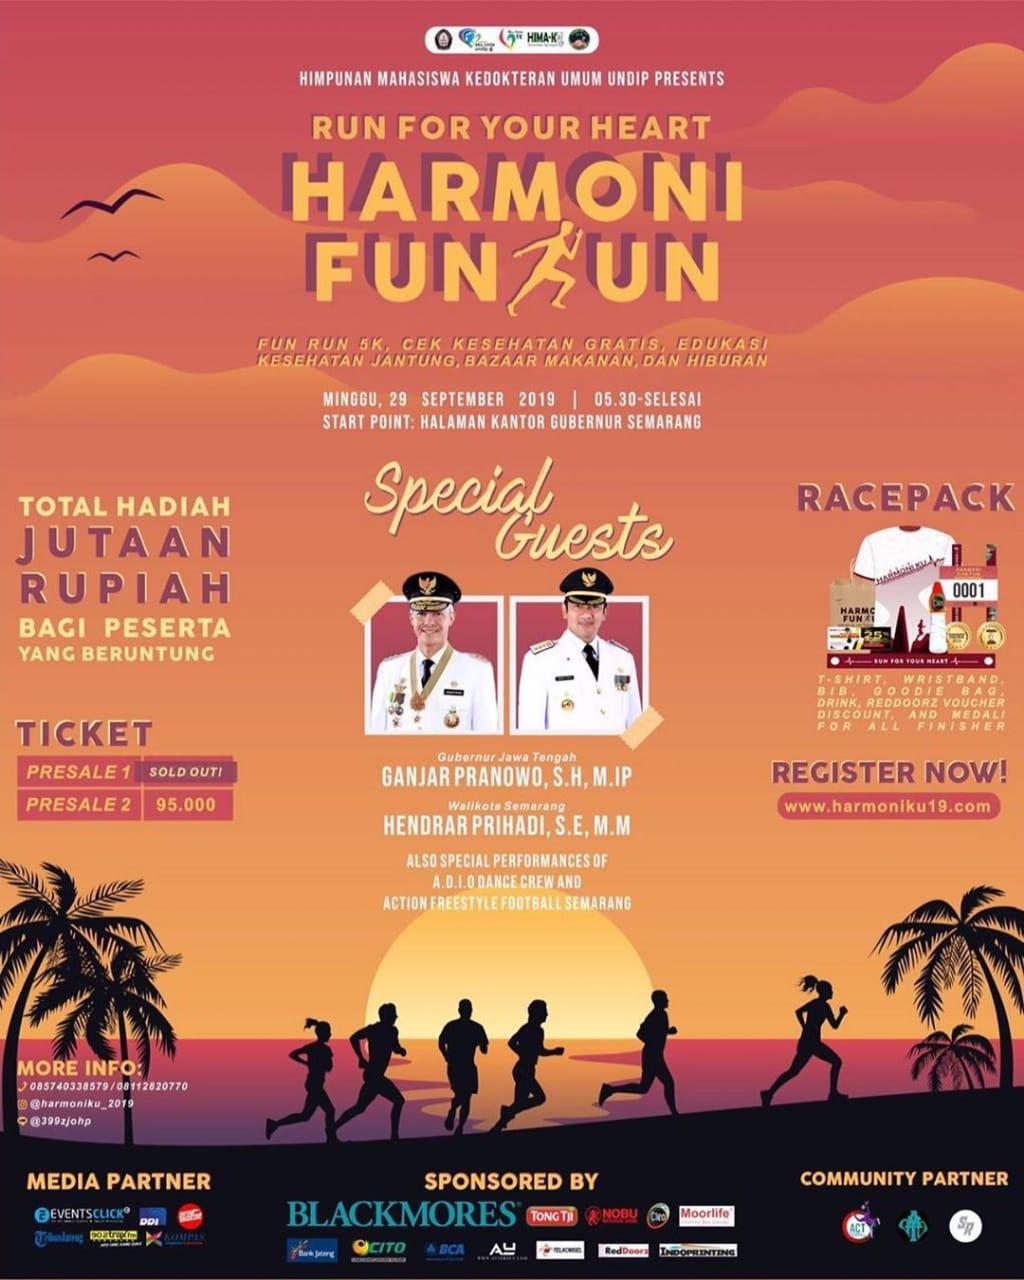 Harmoni Fun Run 2019